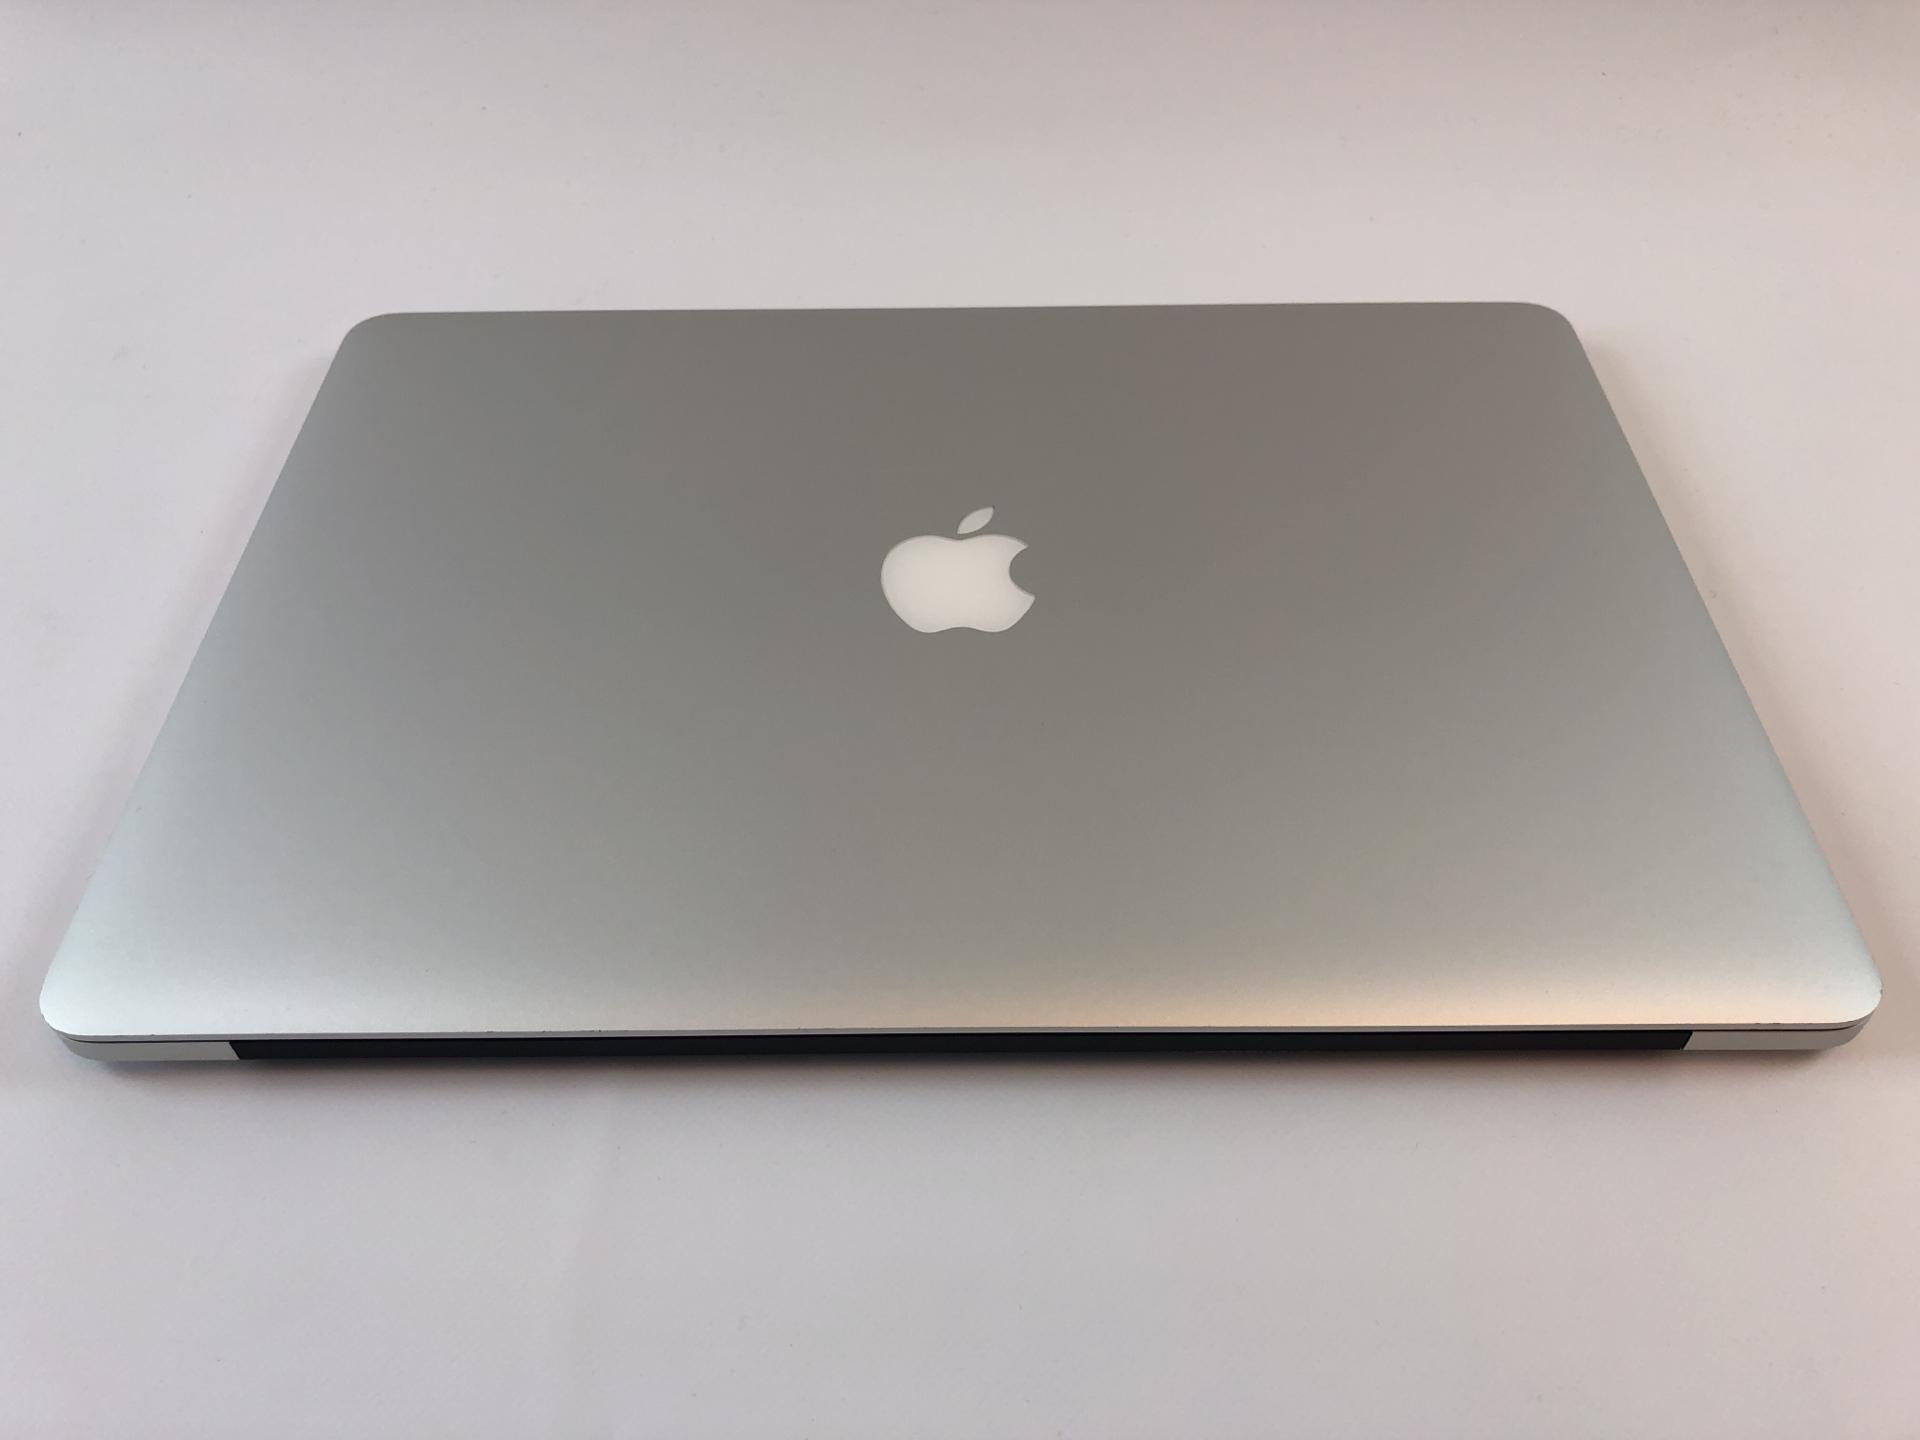 """MacBook Pro Retina 15"""" Mid 2015 (Intel Quad-Core i7 2.2 GHz 16 GB RAM 512 GB SSD), Intel Quad-Core i7 2.2 GHz, 16 GB RAM, 512 GB SSD, bild 3"""